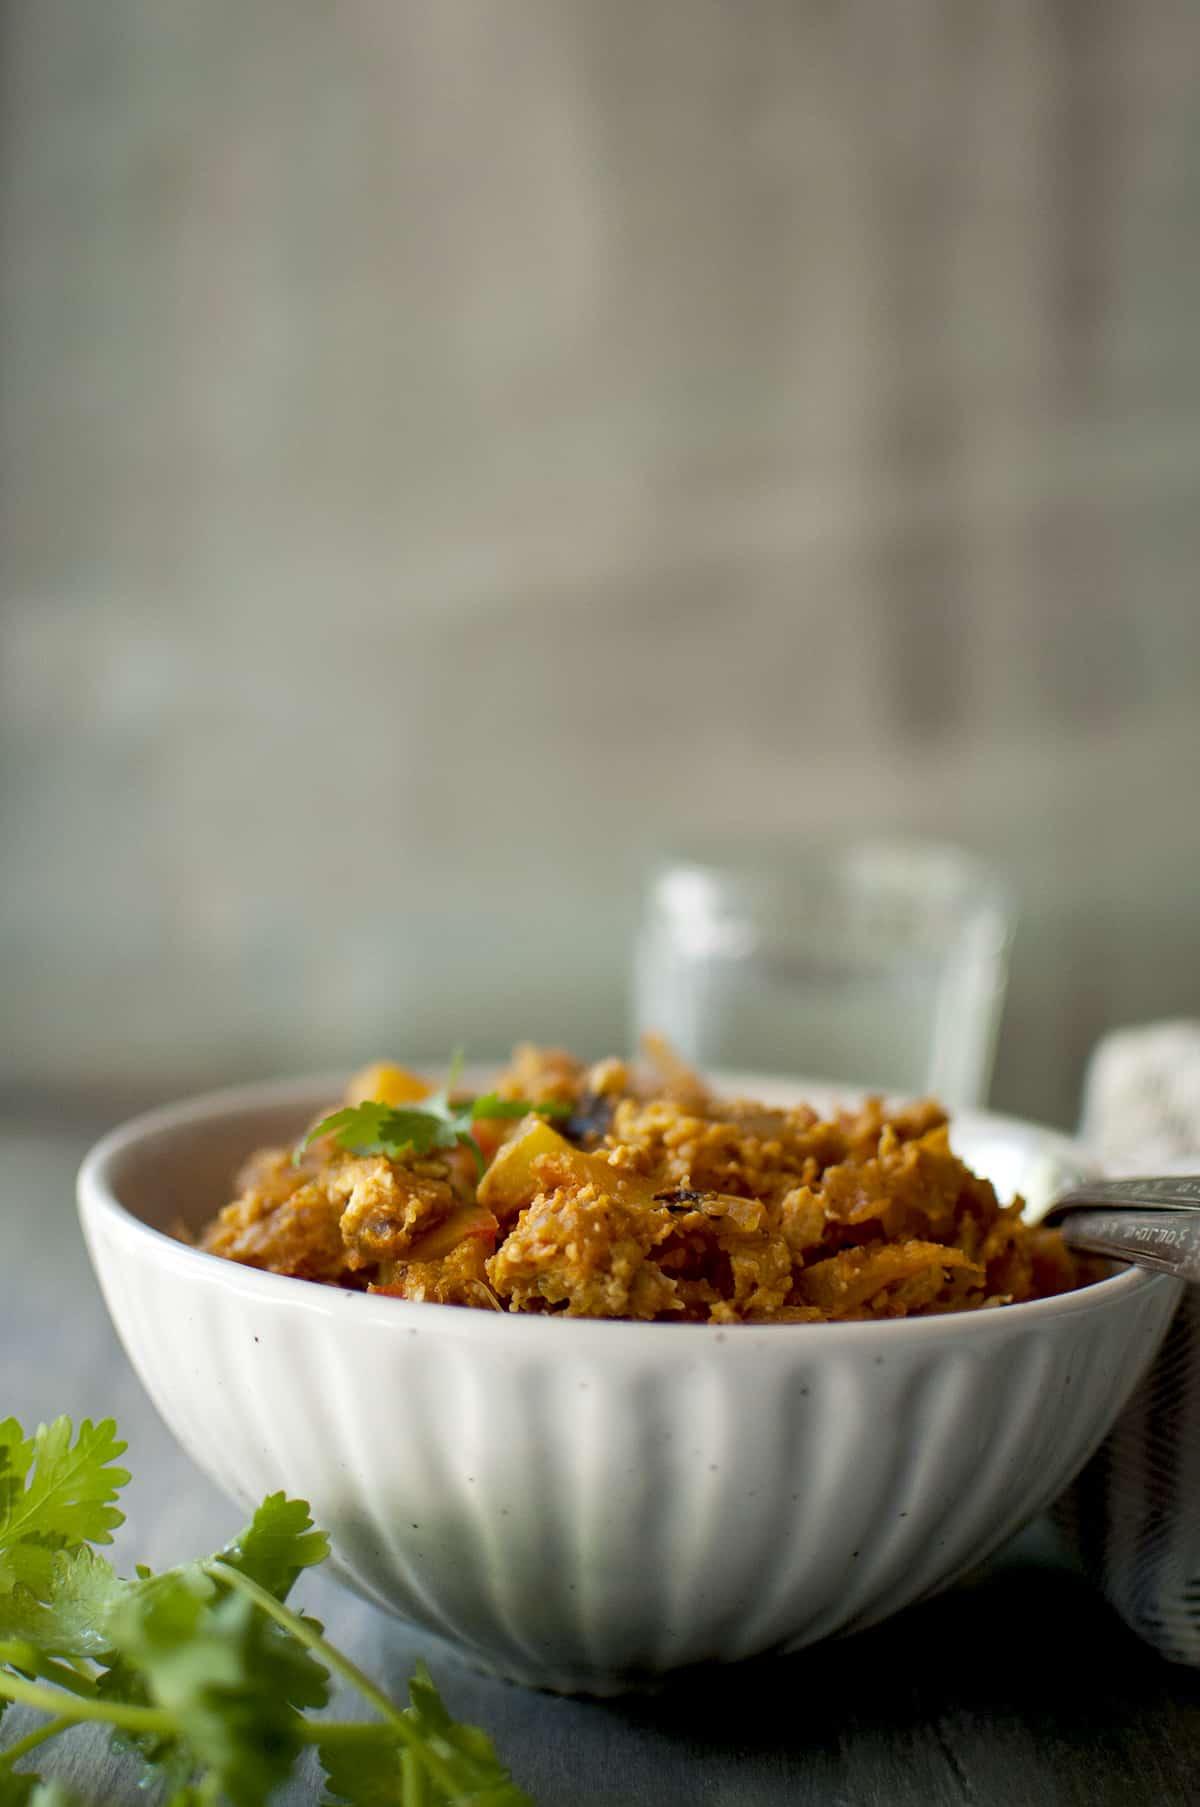 White bowl with Chilli Parotta